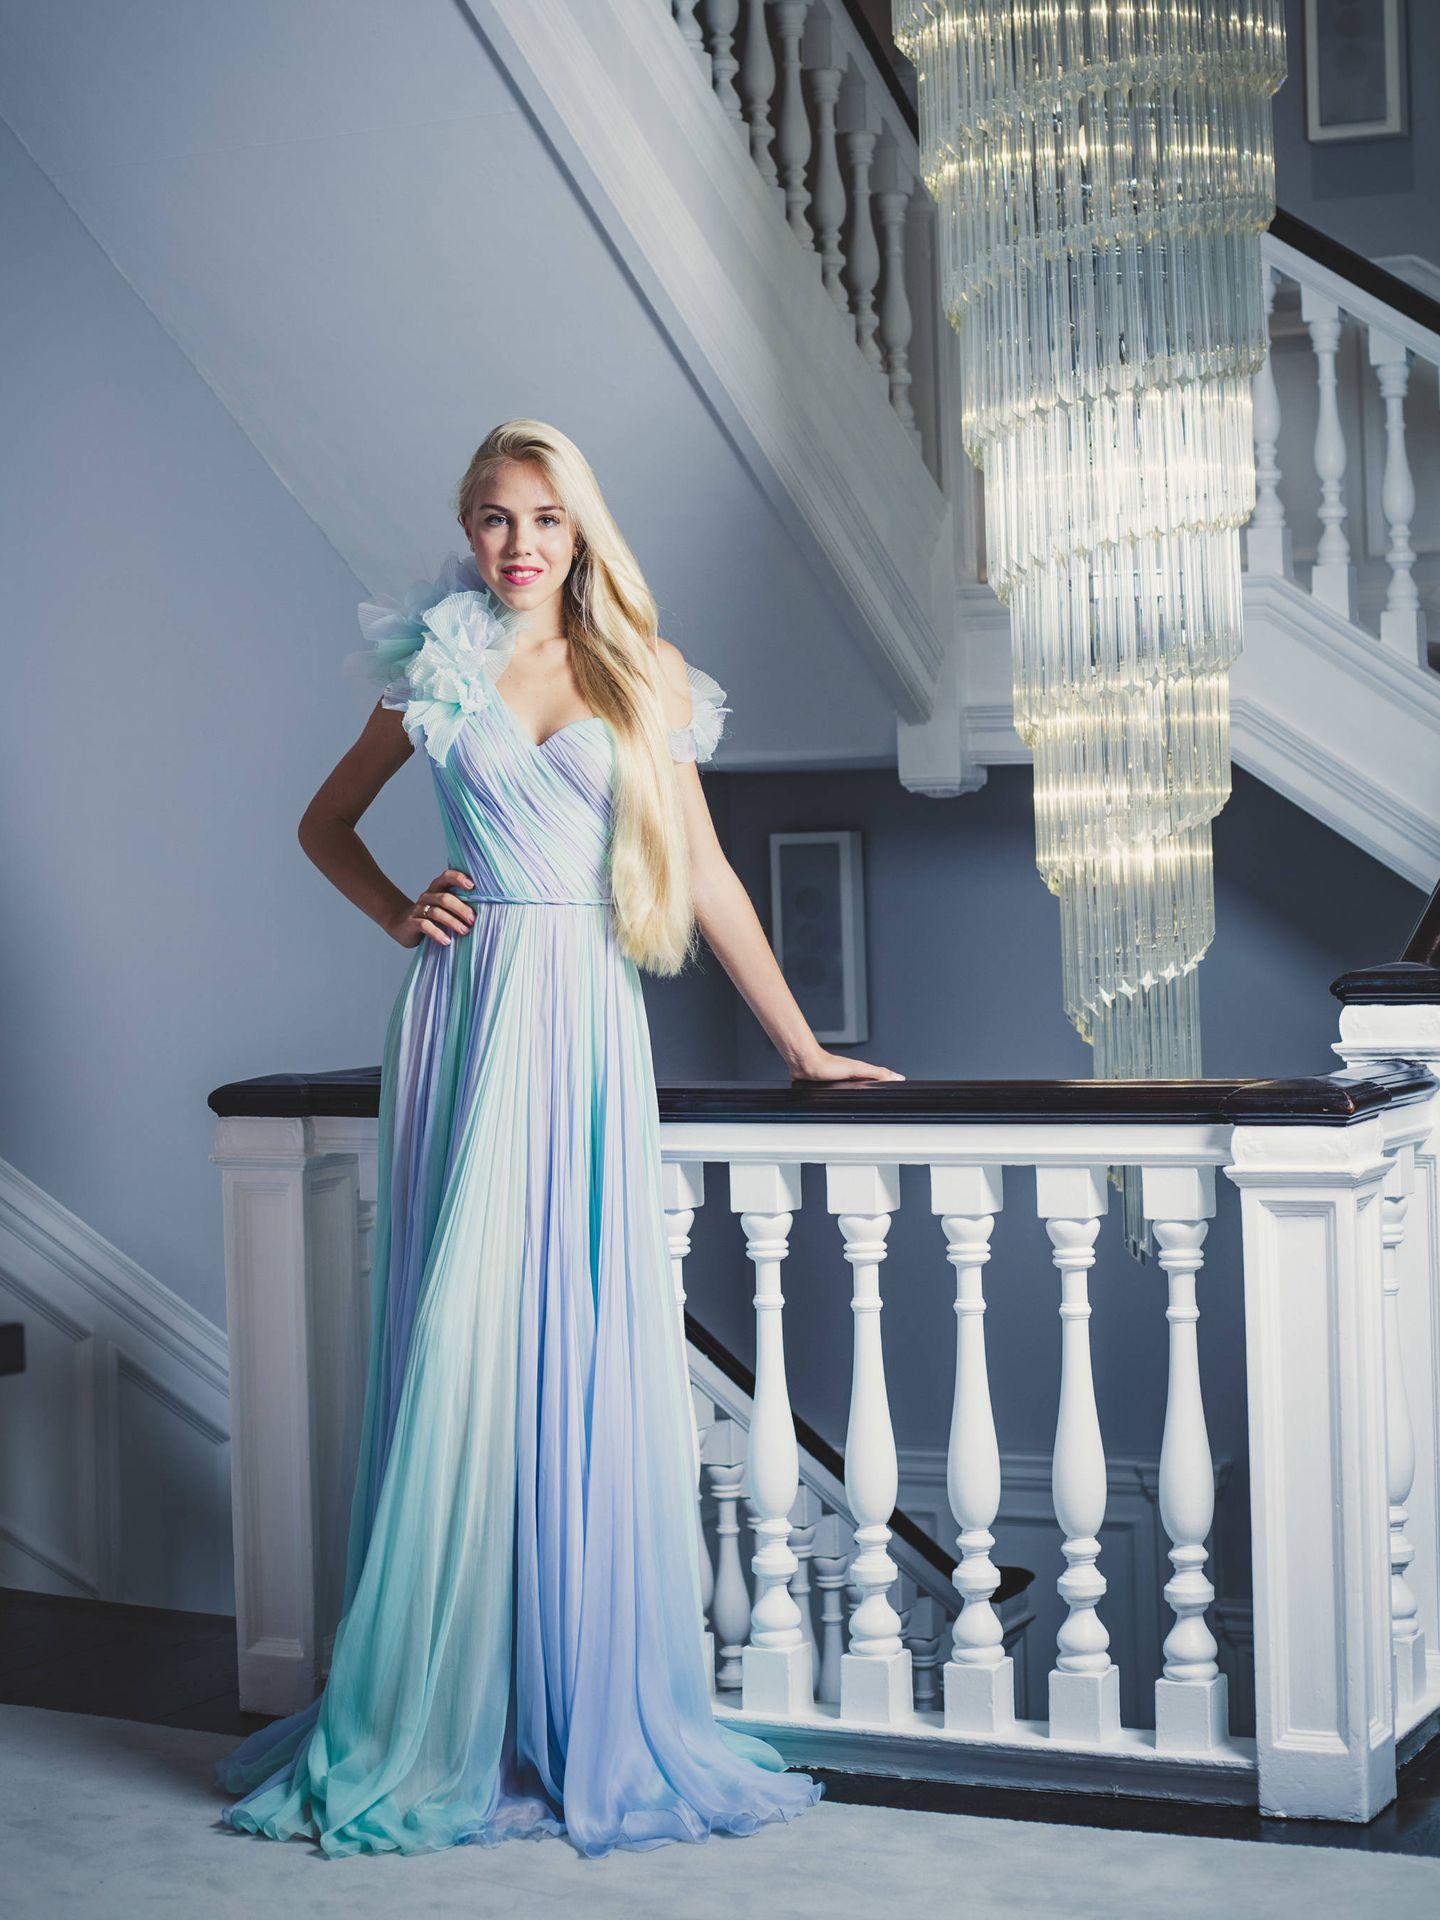 La princesa con su vestido de Ralph & Russo. (Fotos cedidas a Vanitatis)